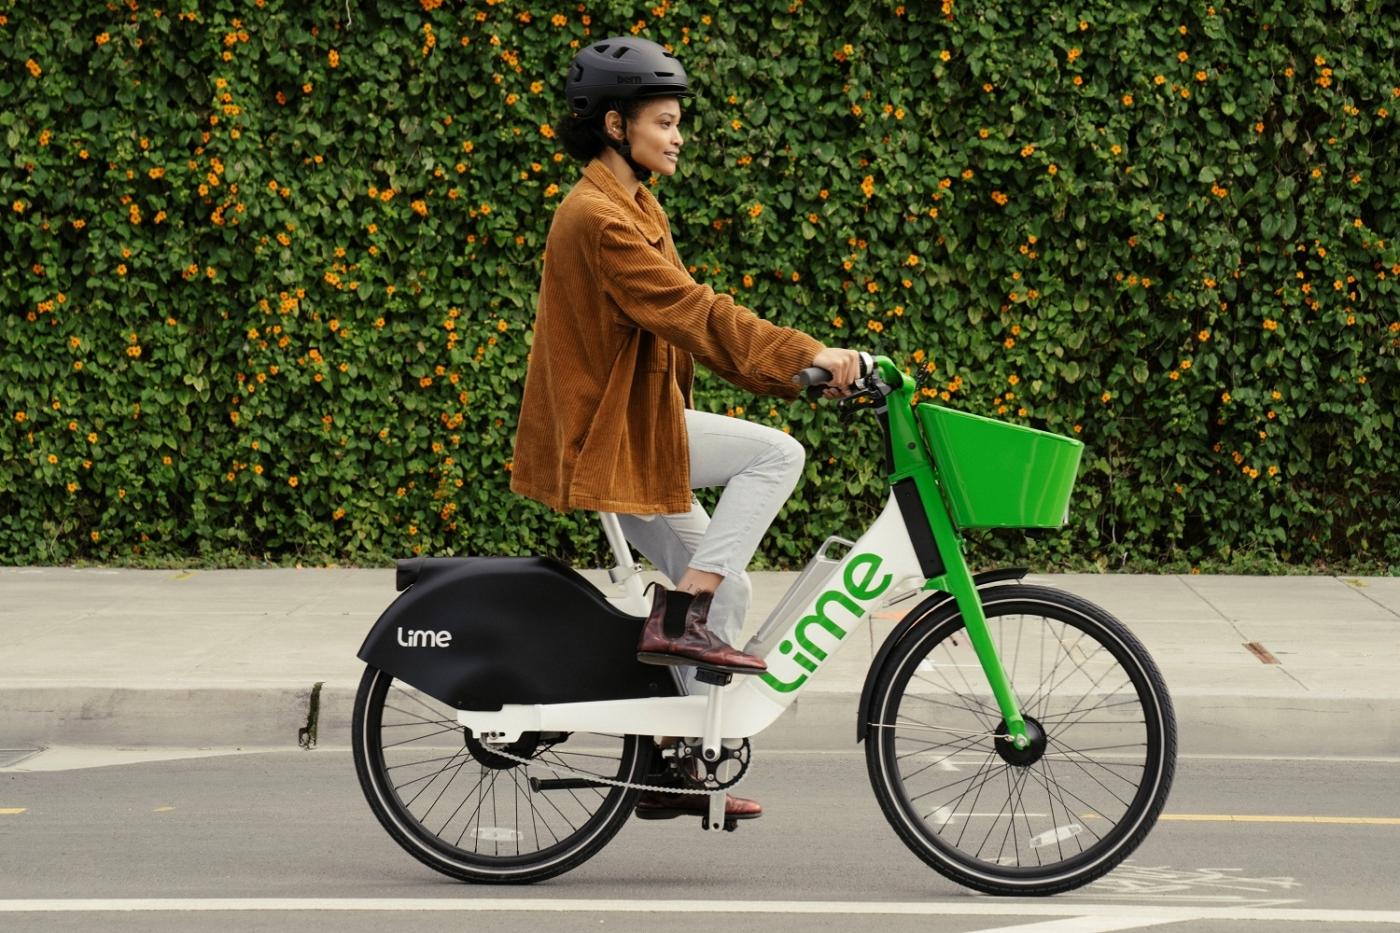 , Lime retenu pour déployer 1000 vélos électriques en libre-service à Marseille, Made in Marseille